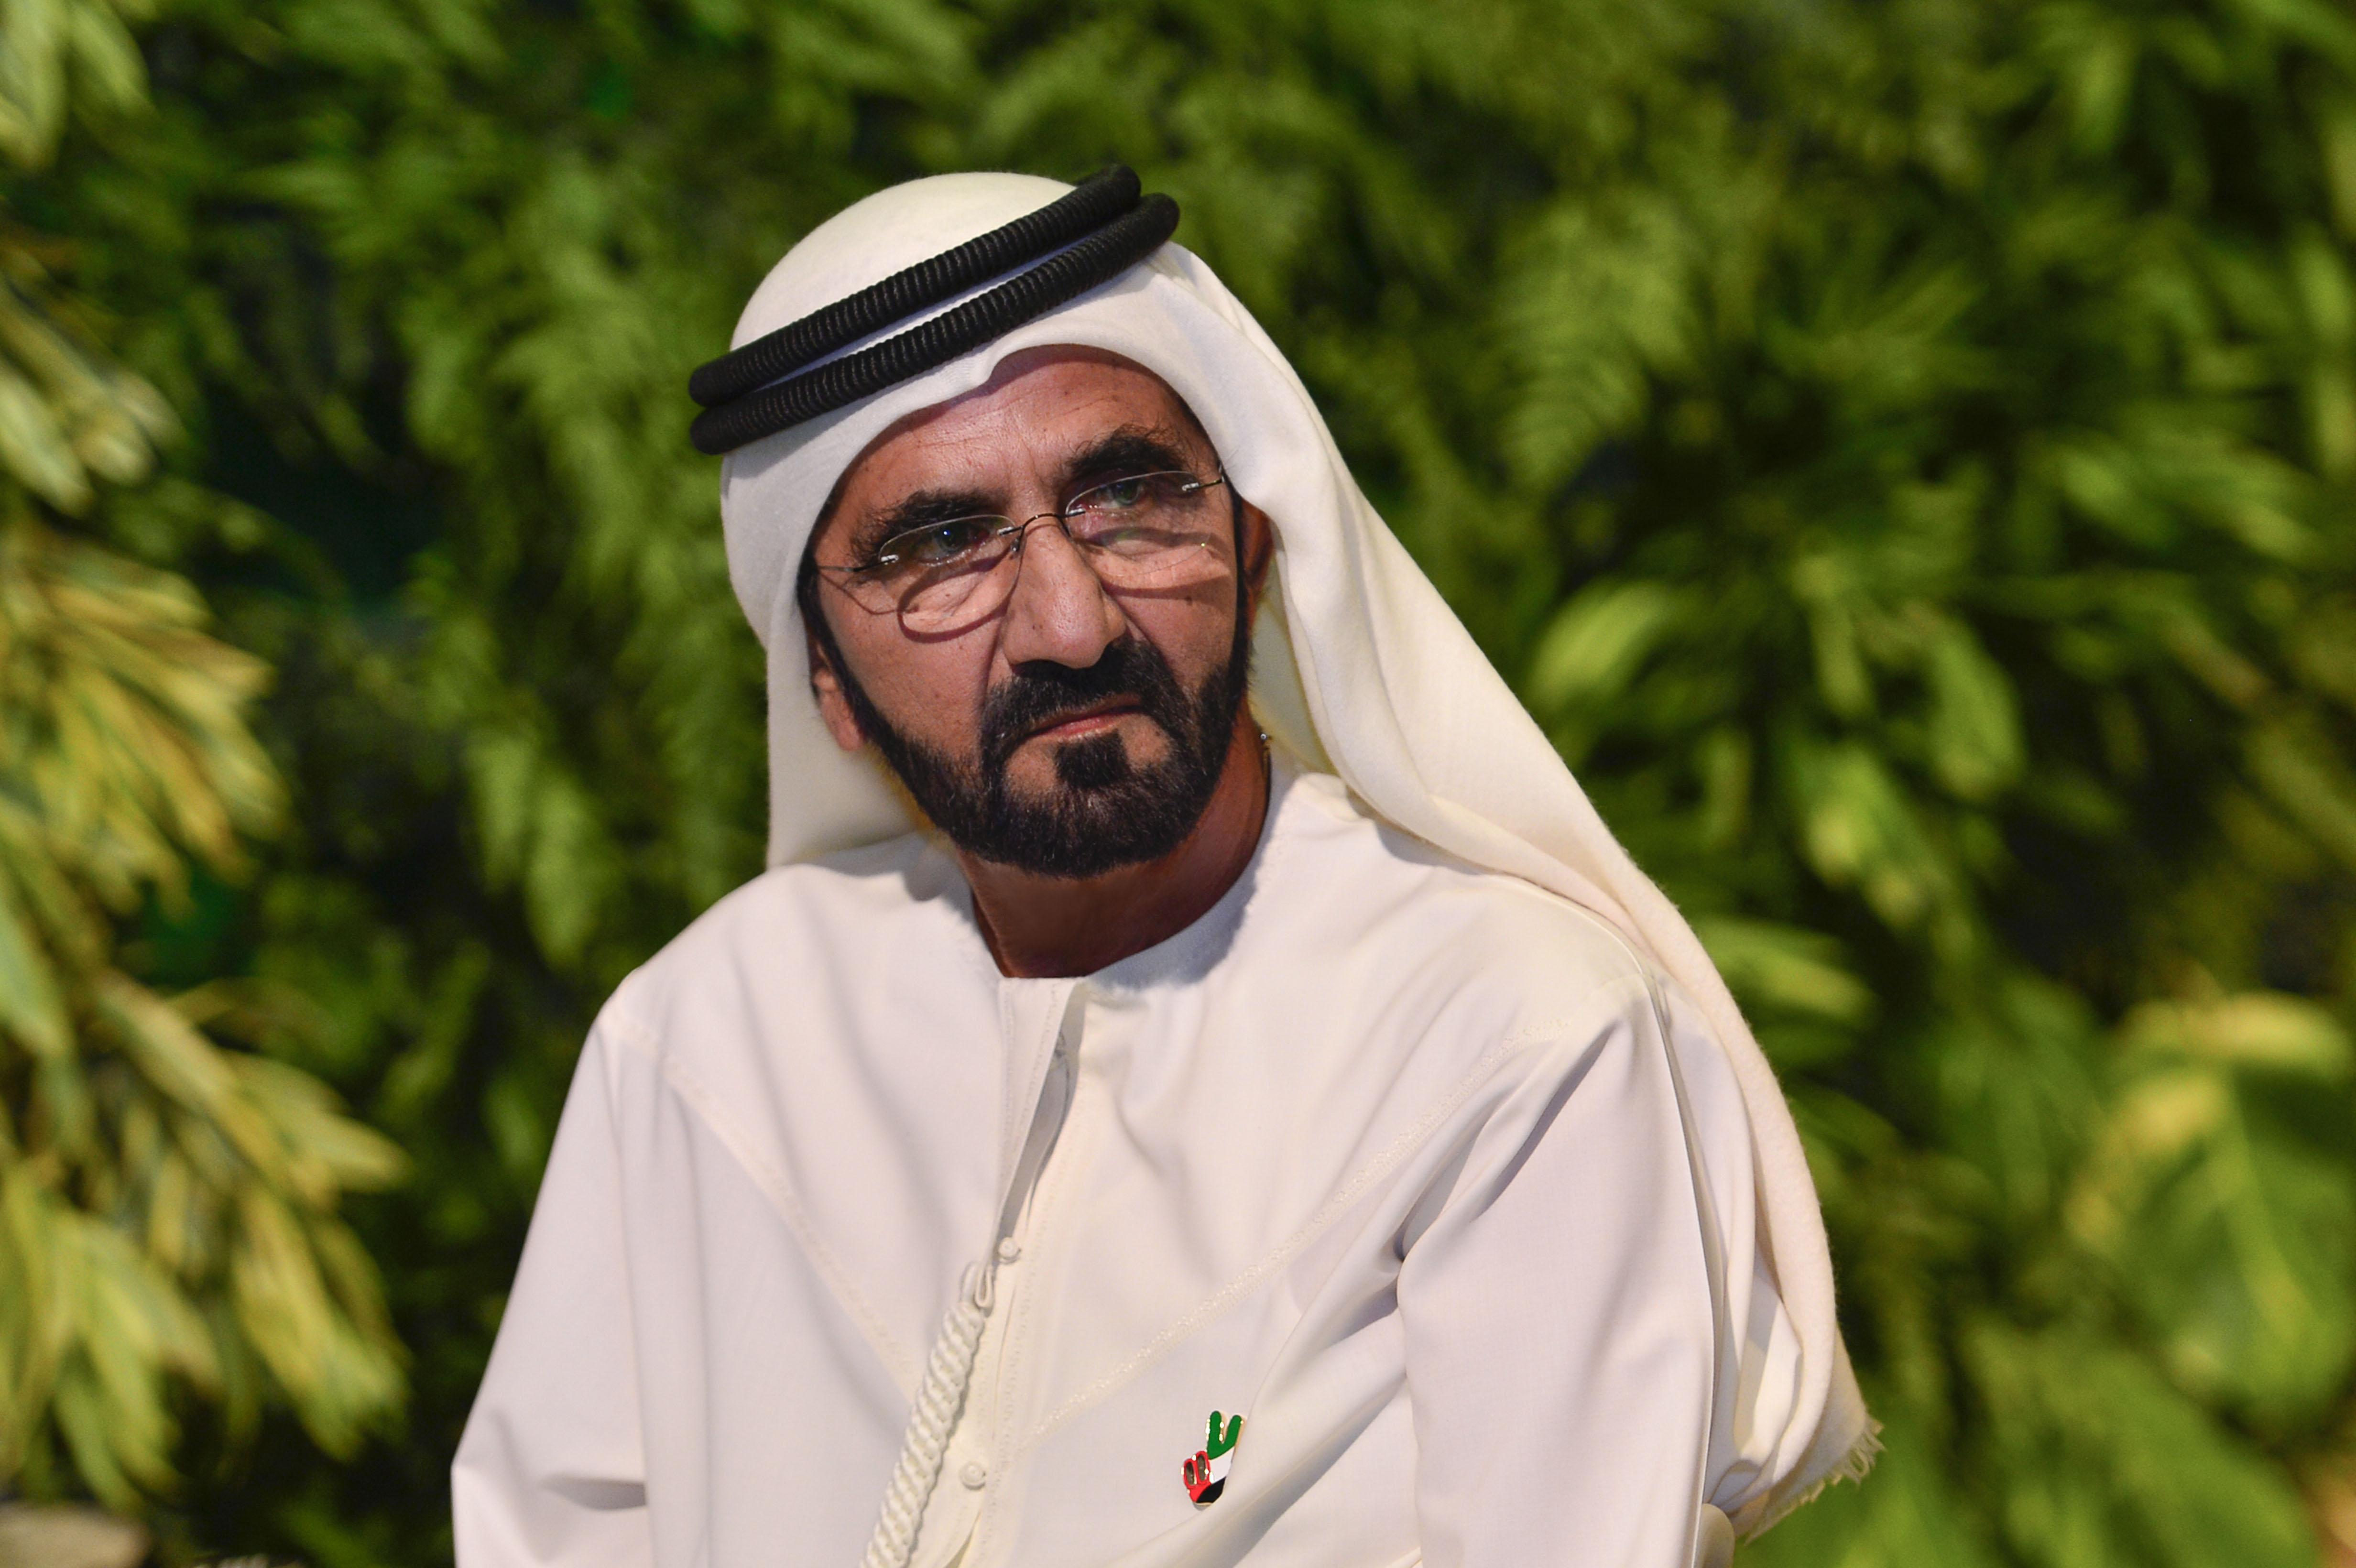 صاحب السمو الشيخ محمد بن راشد آل مكتوم - محمد بن راشد يهنئ ملك المغرب بمناسبة عيد العرش